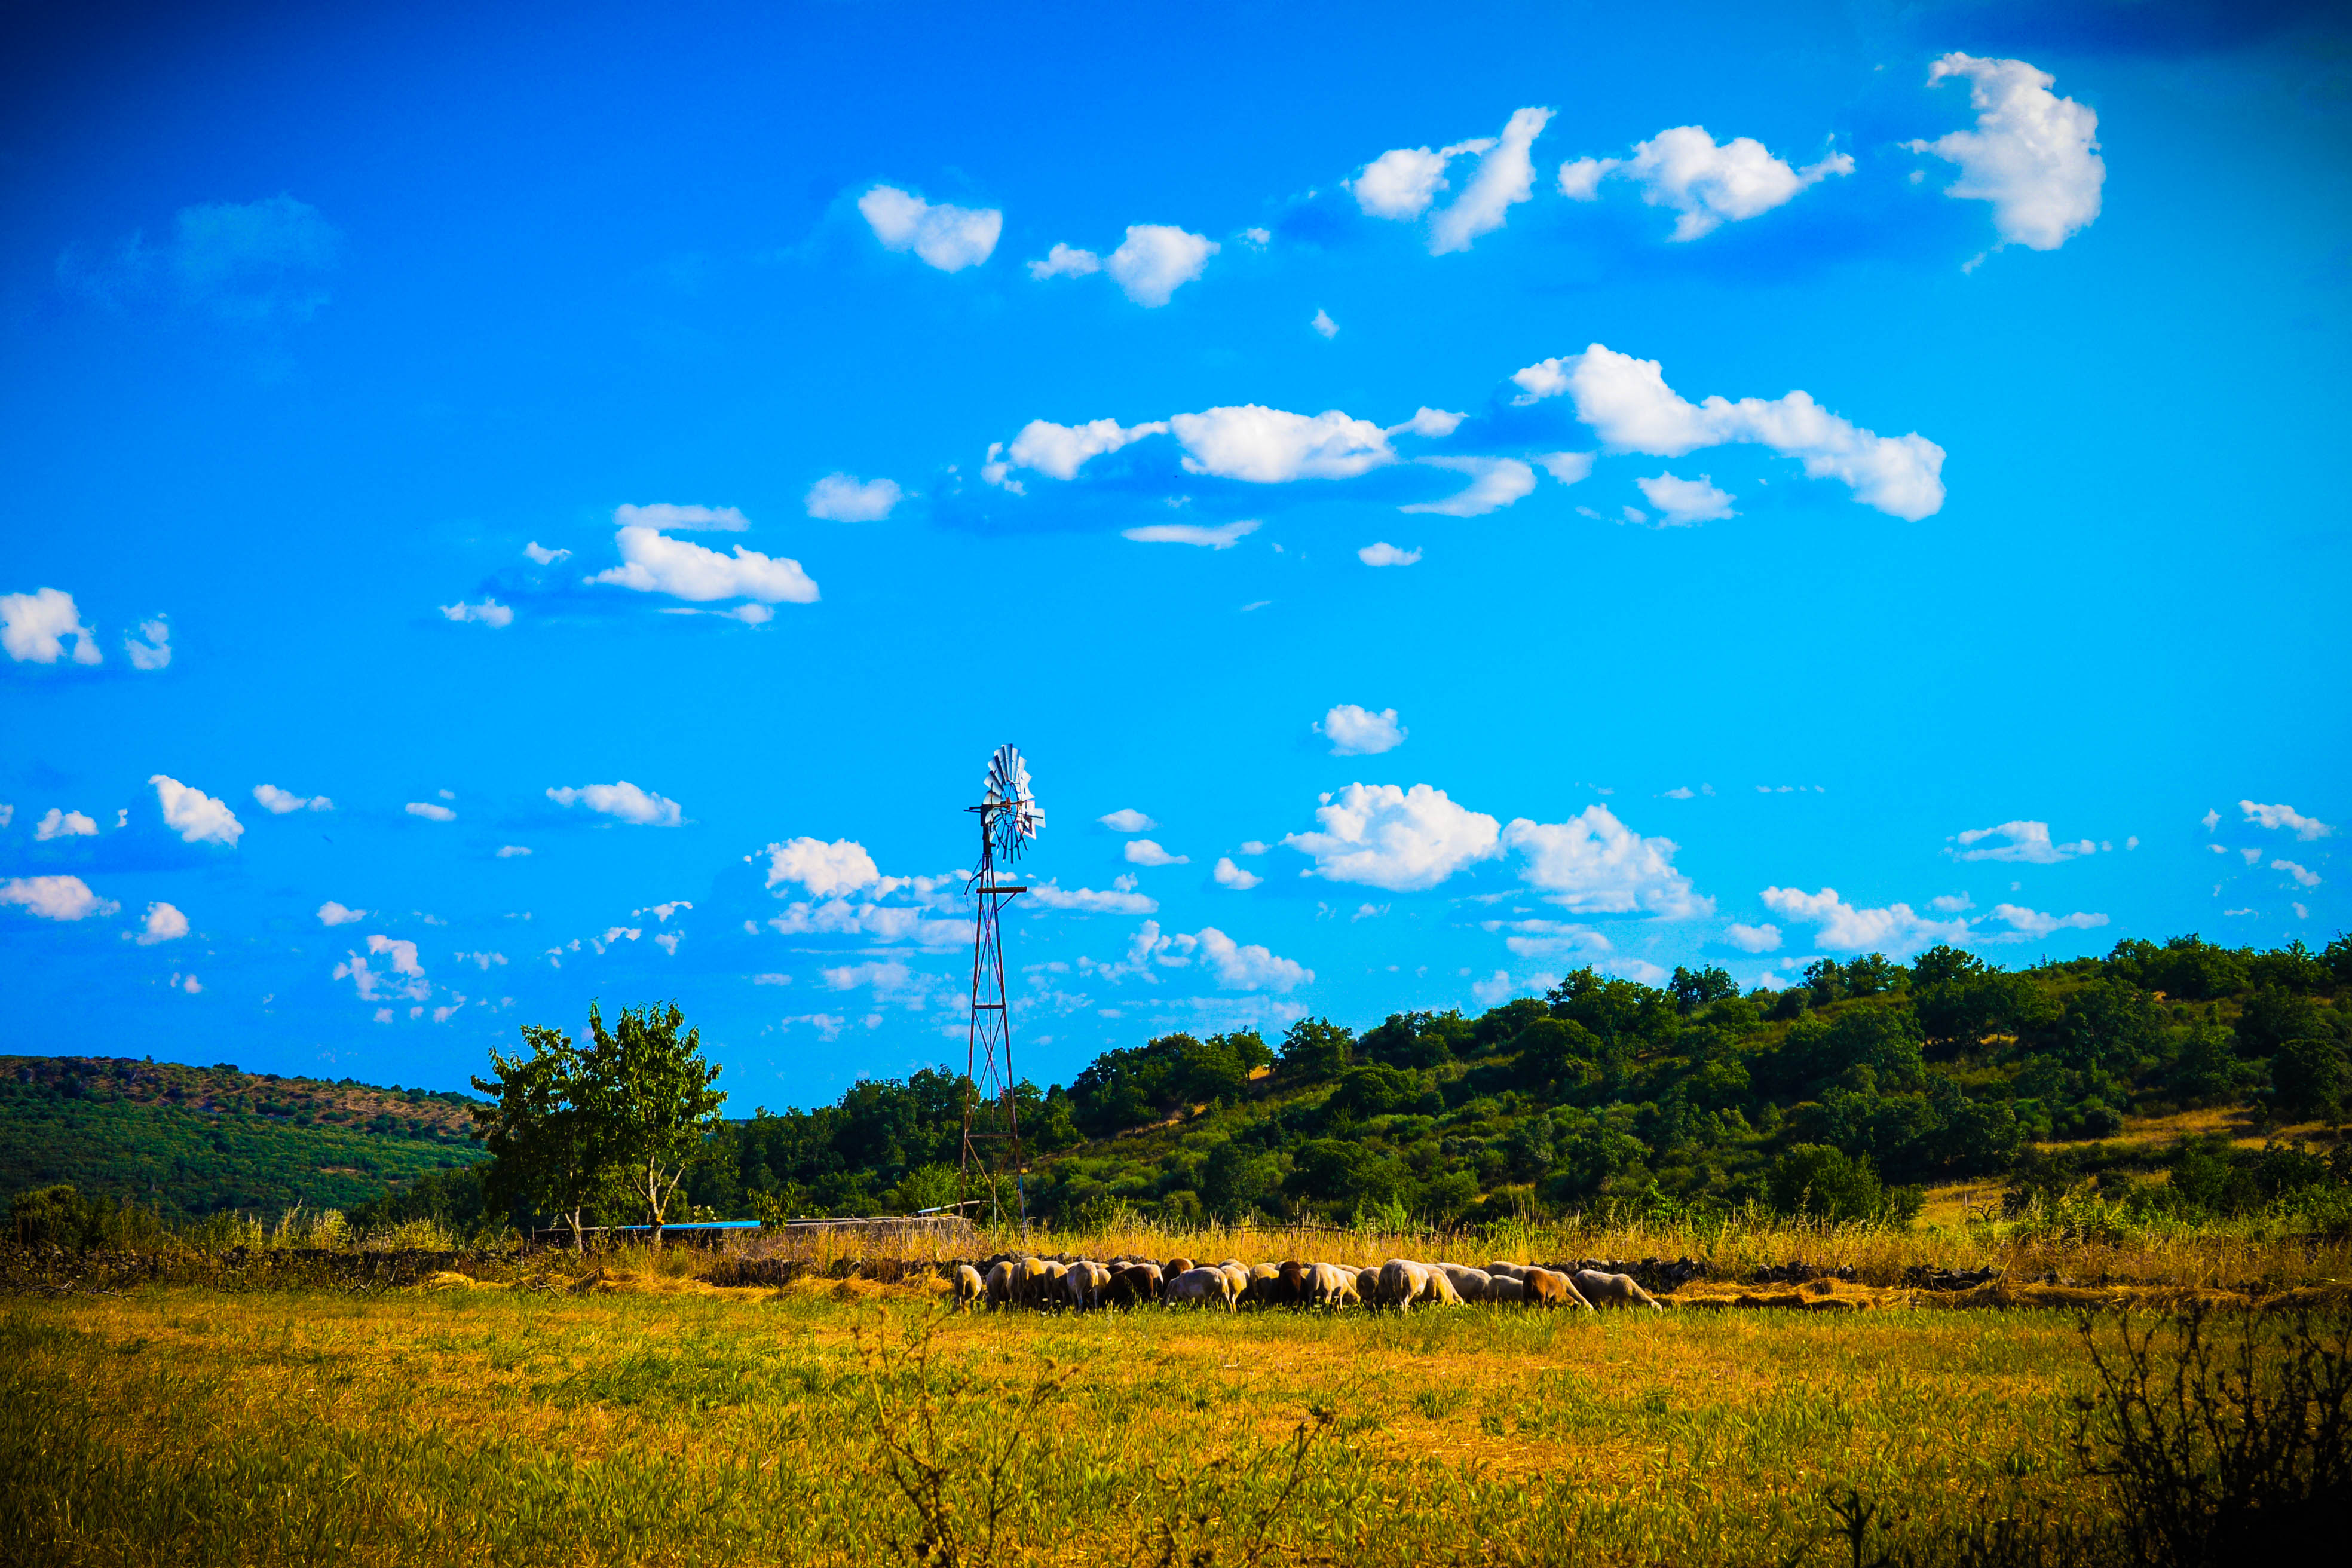 Rebaño de ovejas Las Obreras de Aliste CB Artesanos de la Miel Aliste Gallegos del Campo Artesanos de la Miel